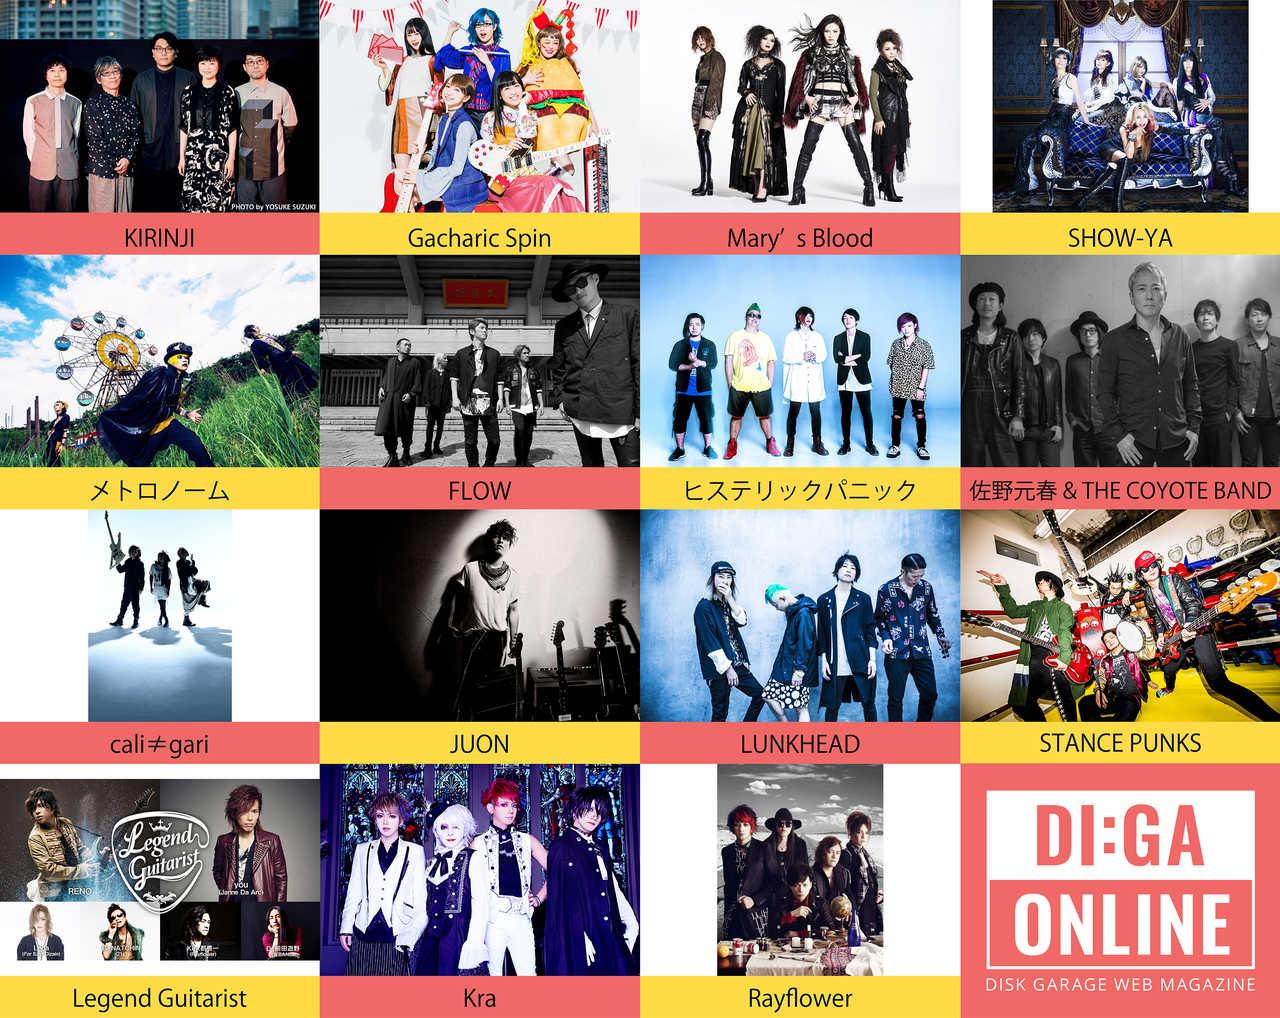 『DI:GA ONLINE』プレゼント企画11月号